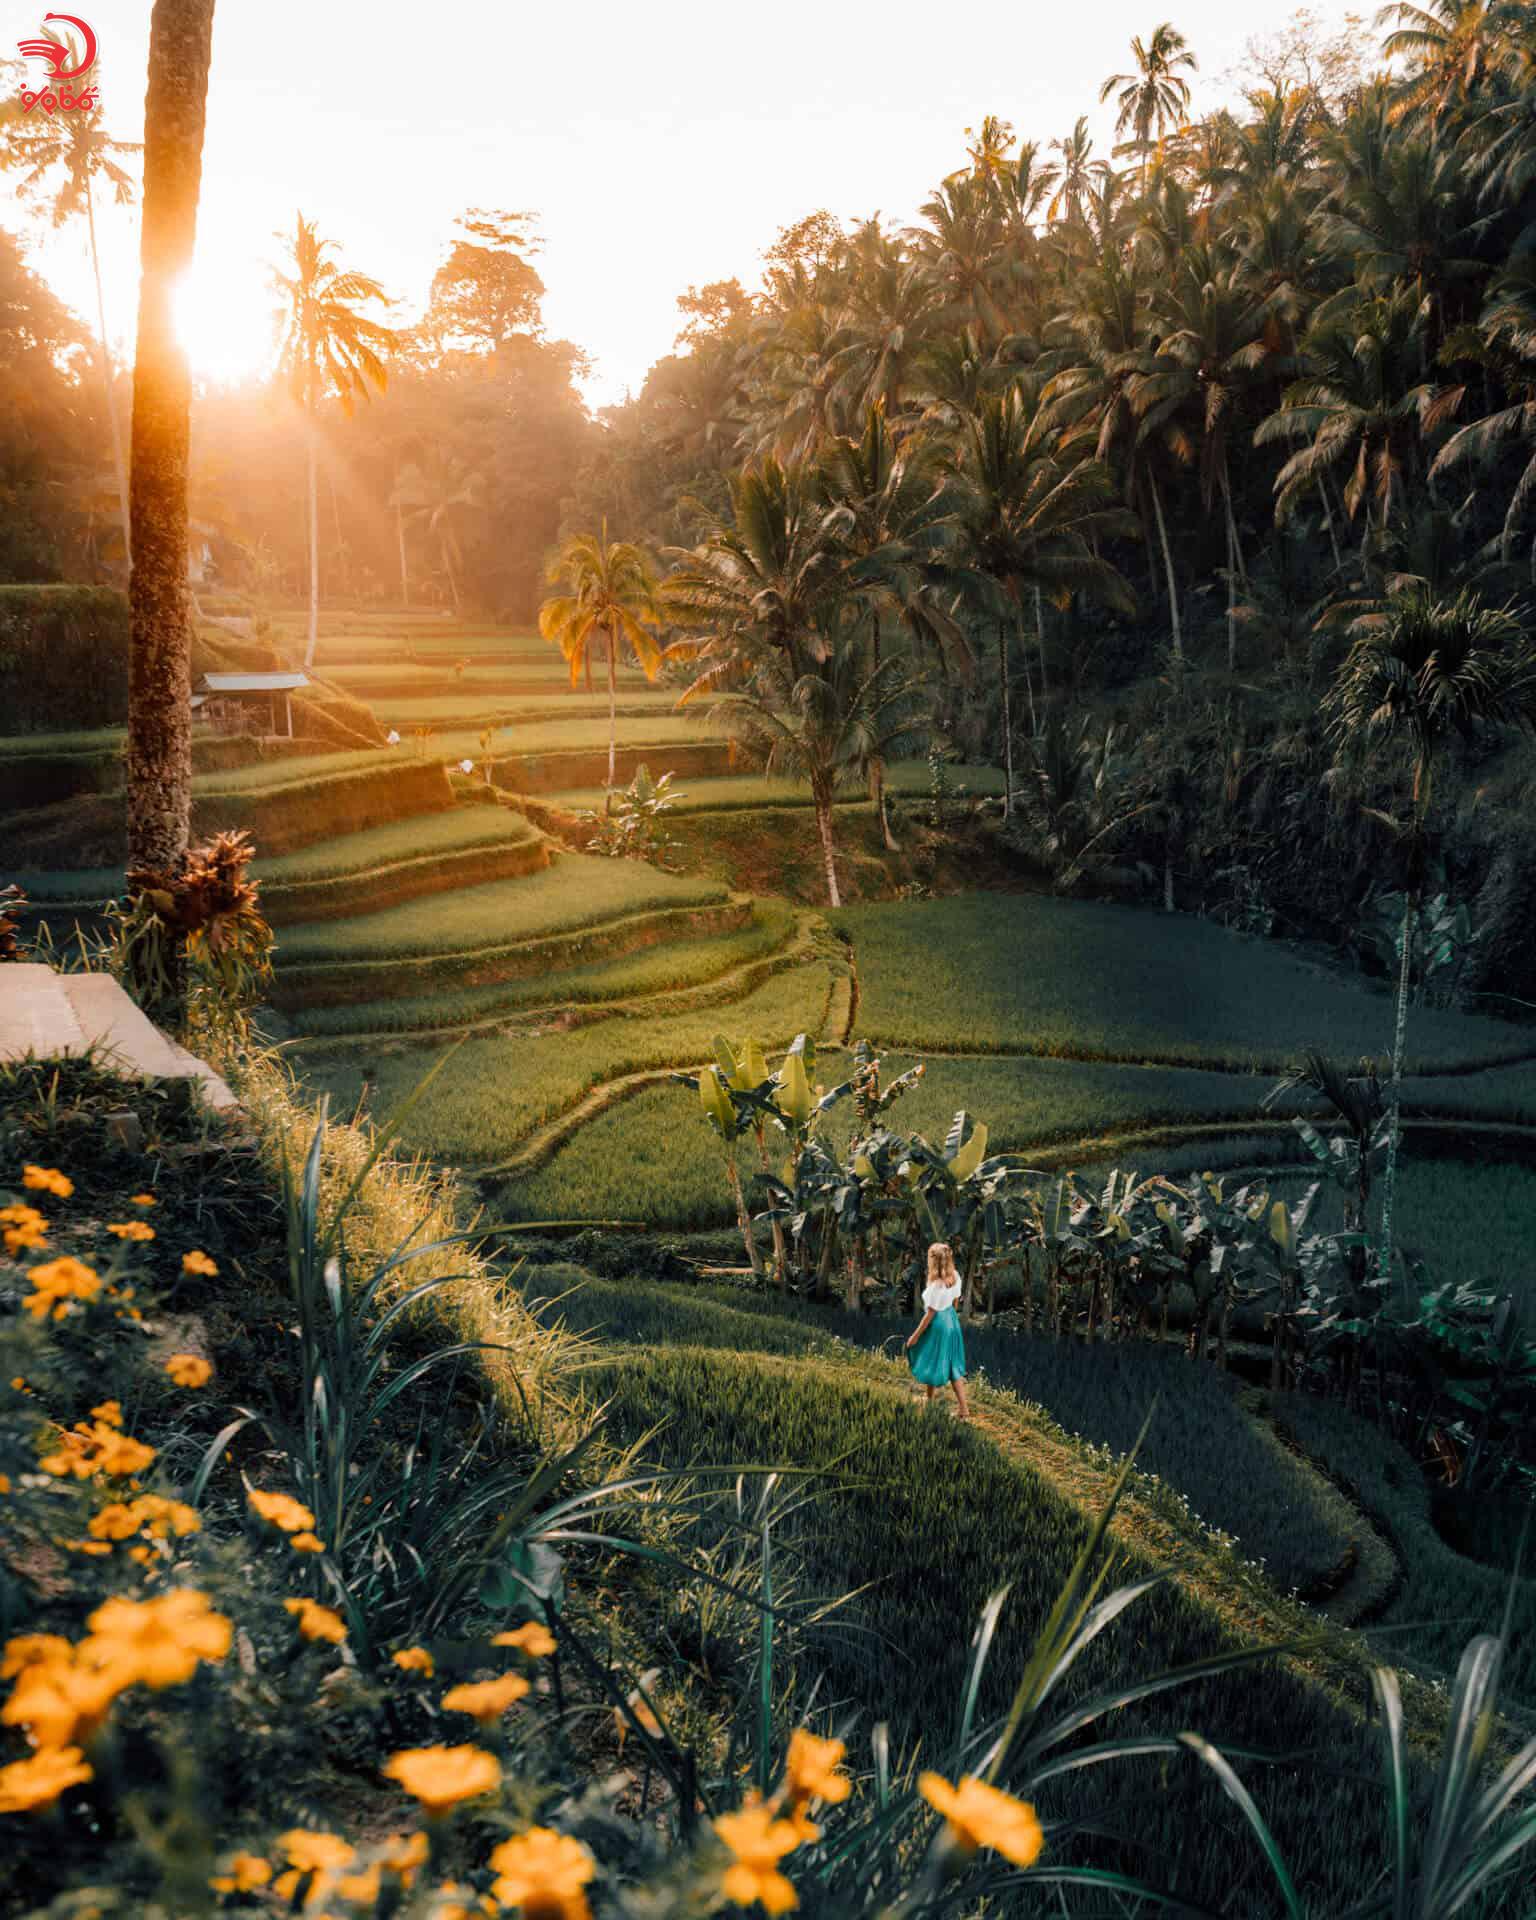 شالیزارهای پلکانی تگالالنگ بالی